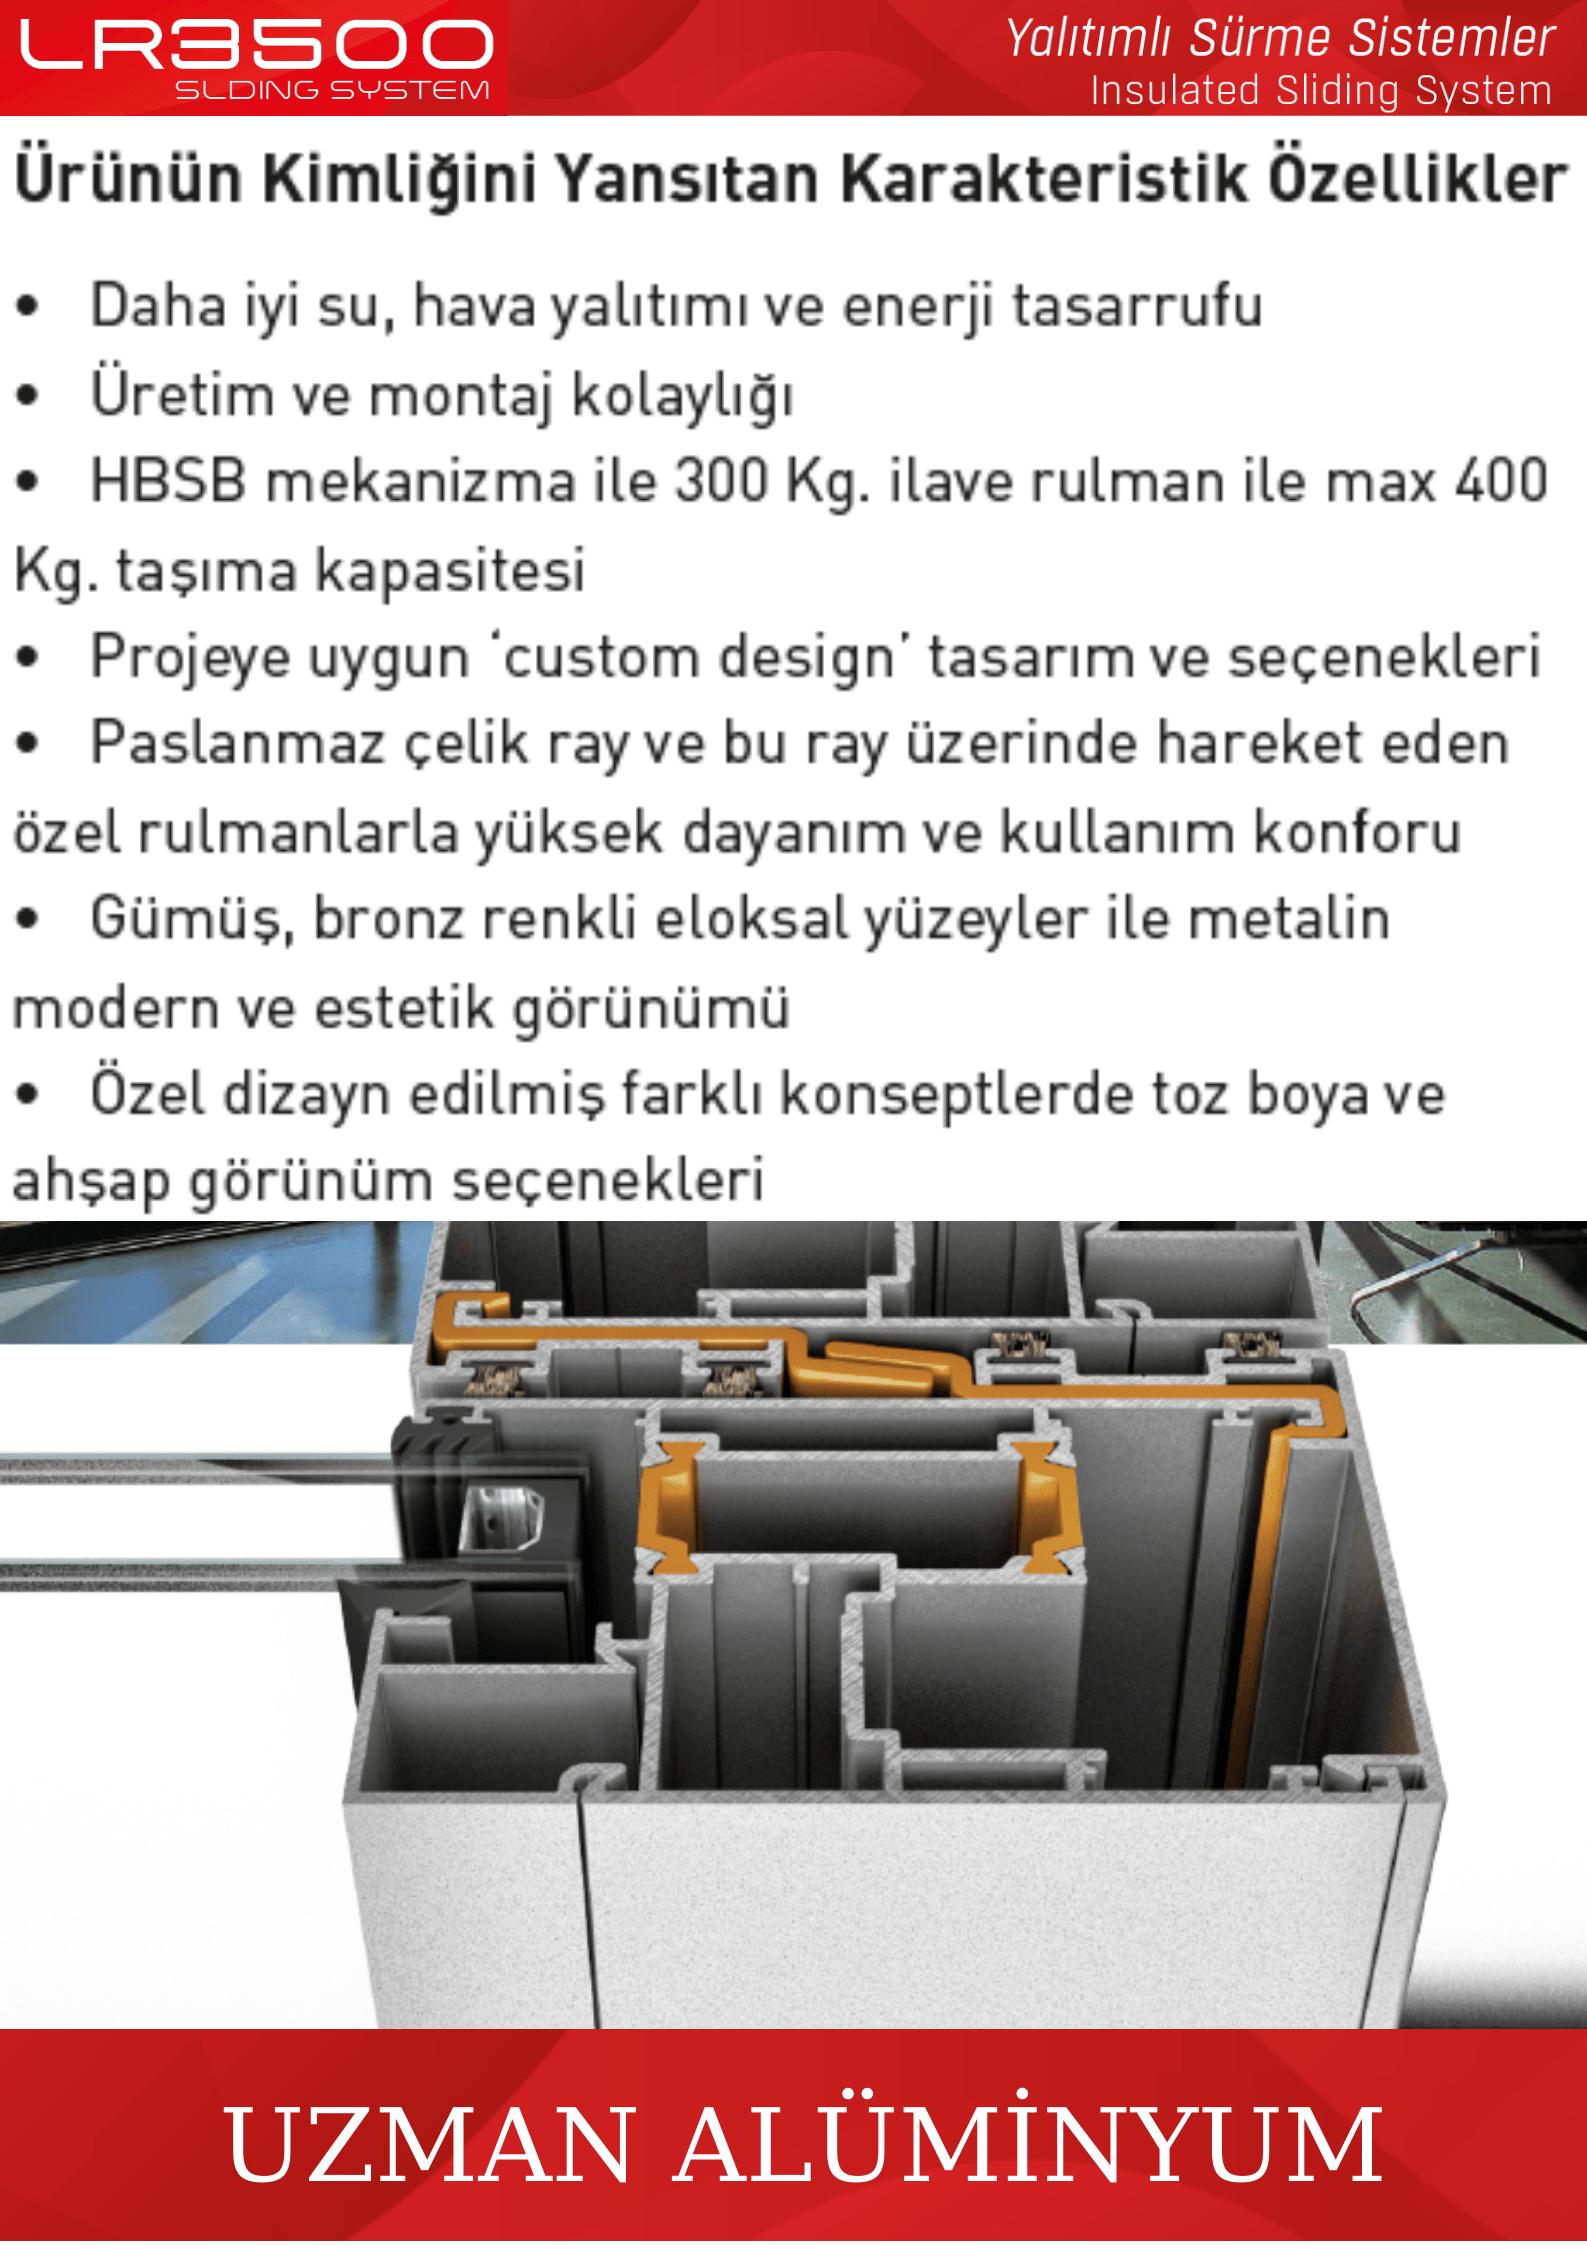 LR-3500 sürme sistemleri